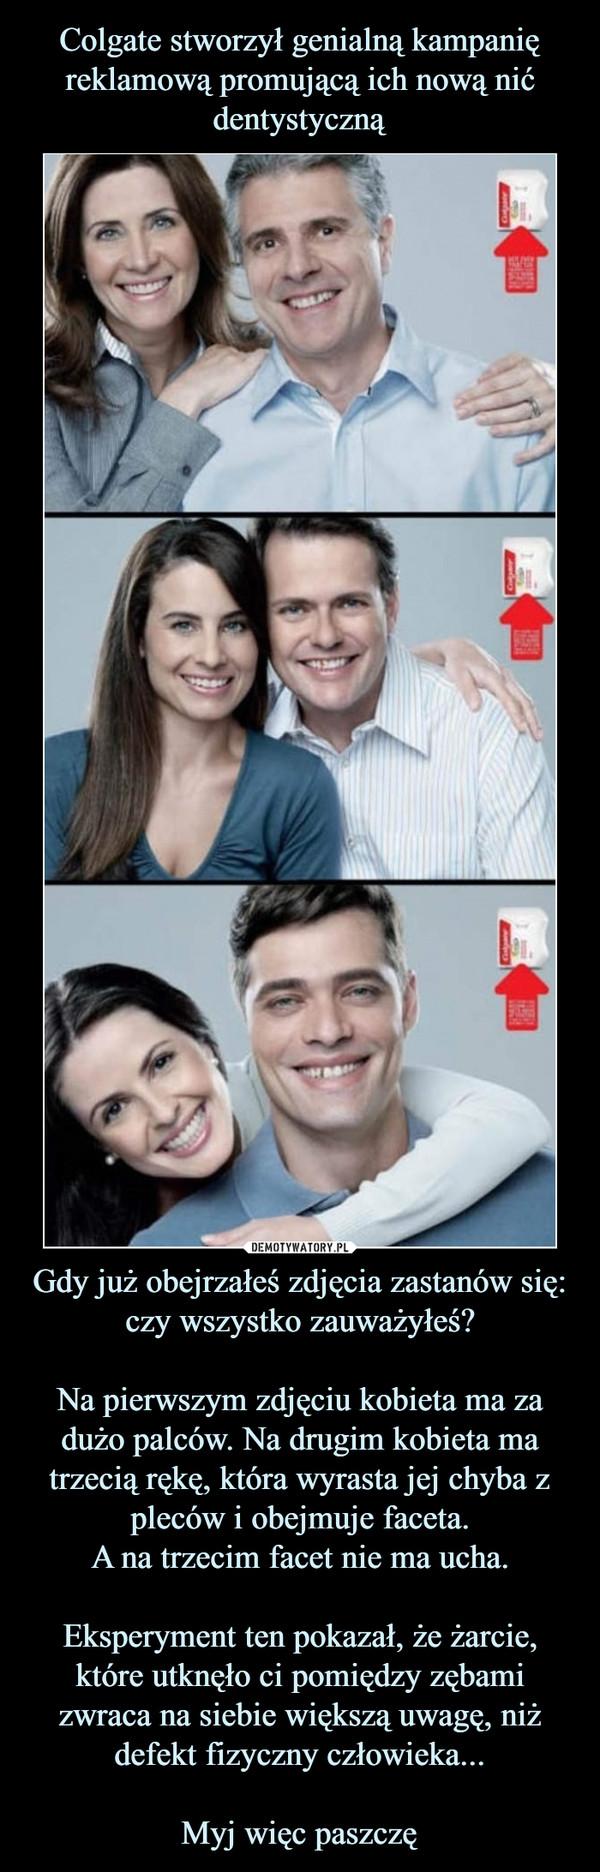 Gdy już obejrzałeś zdjęcia zastanów się: czy wszystko zauważyłeś?Na pierwszym zdjęciu kobieta ma za dużo palców. Na drugim kobieta ma trzecią rękę, która wyrasta jej chyba z pleców i obejmuje faceta.A na trzecim facet nie ma ucha.Eksperyment ten pokazał, że żarcie, które utknęło ci pomiędzy zębami zwraca na siebie większą uwagę, niż defekt fizyczny człowieka...Myj więc paszczę –